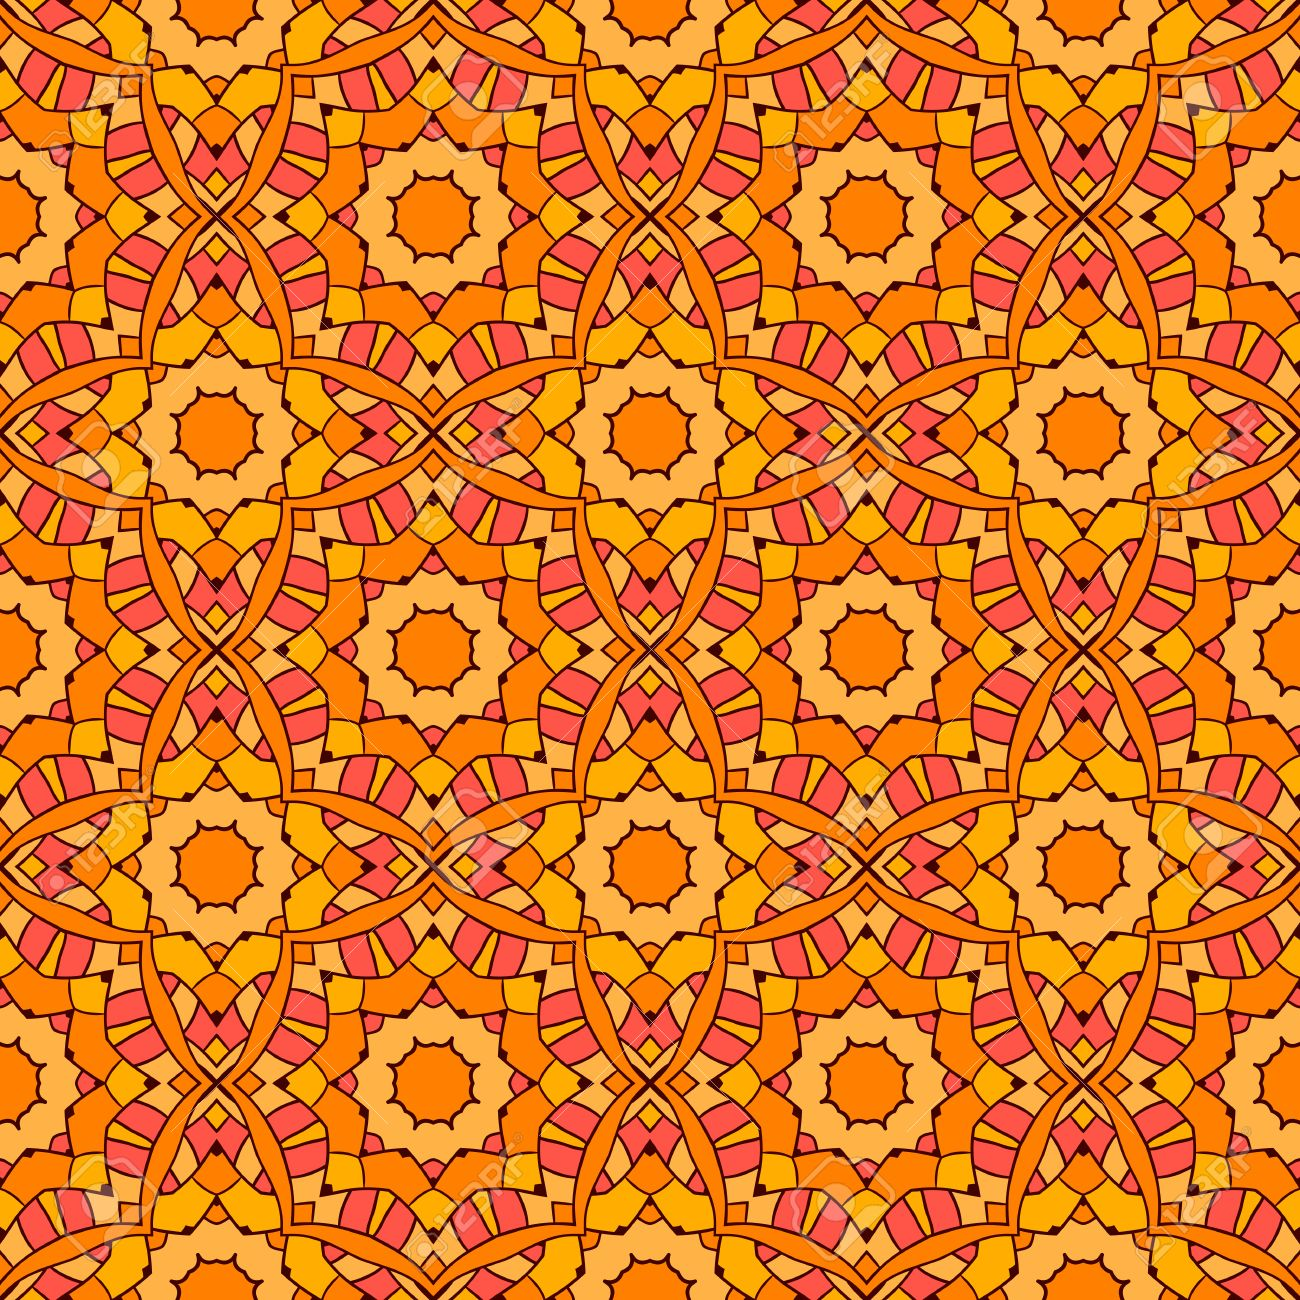 Teppich design textur  Ornamentalen Nahtlose Muster, Arabische Teppich, Ethnischen Design ...